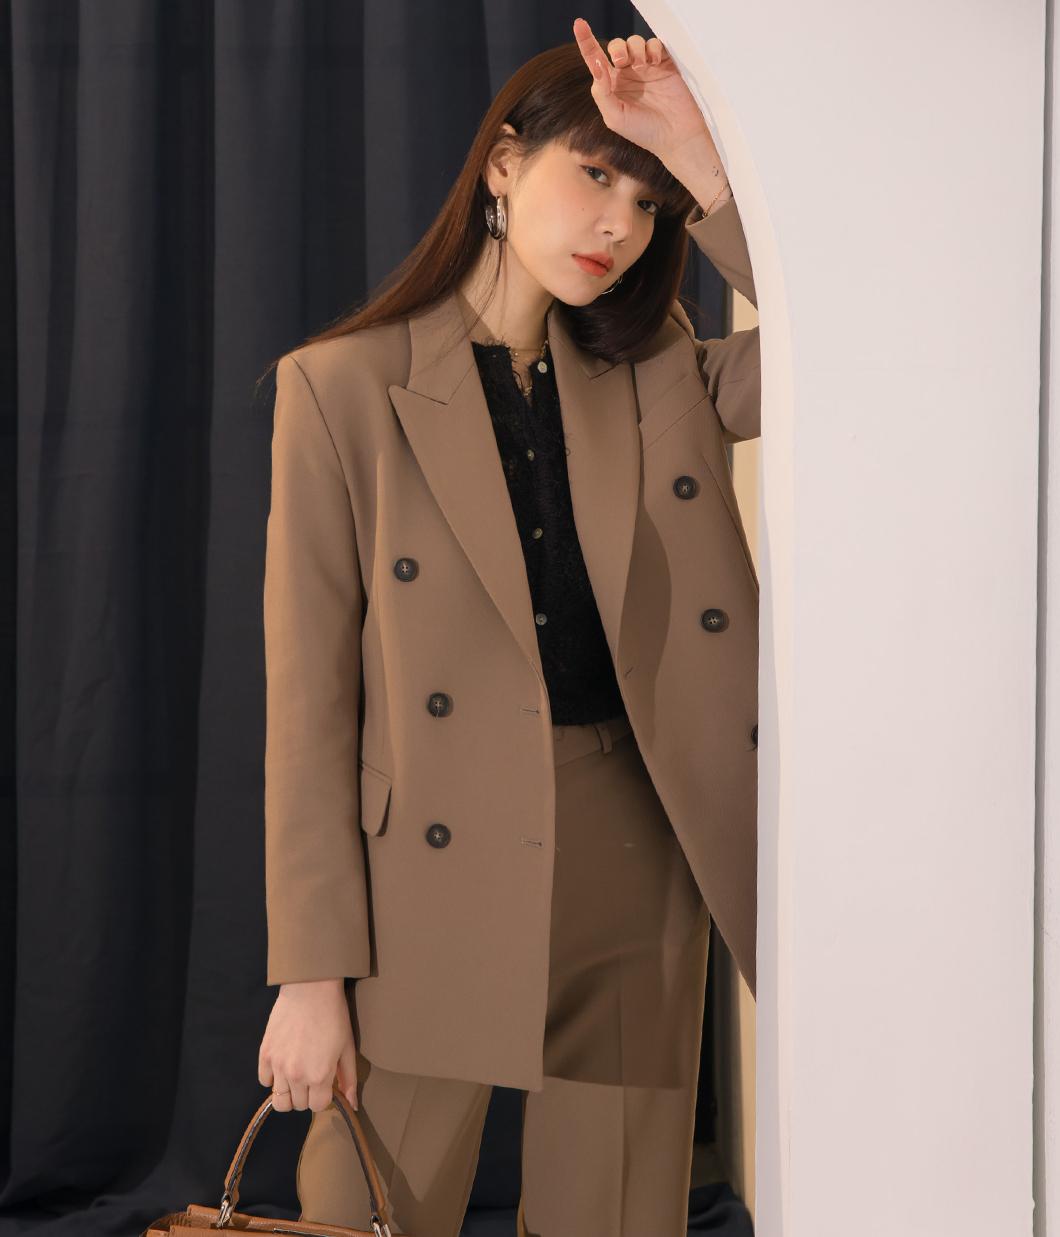 7.高質感雙排扣西裝外套